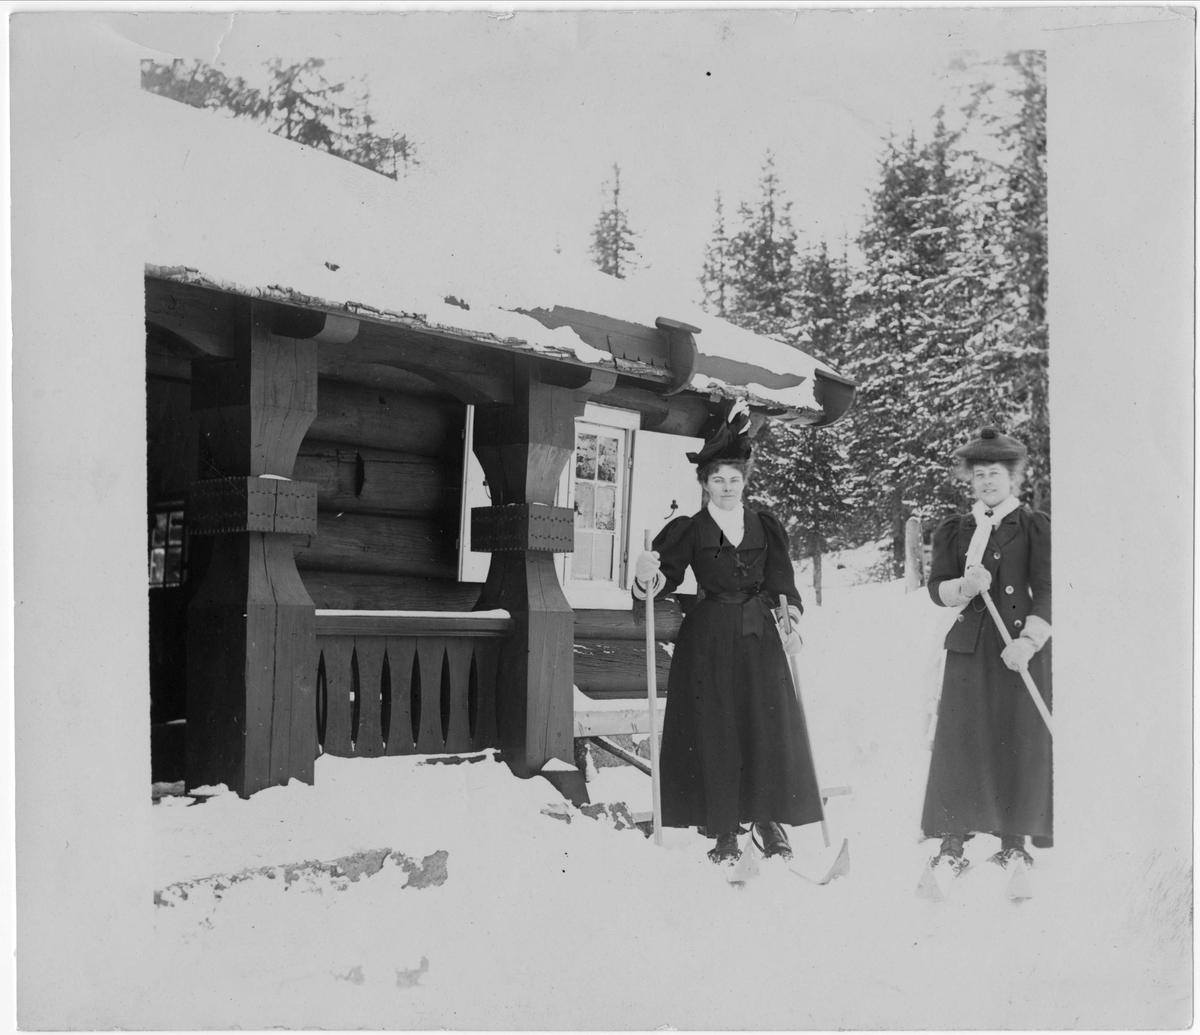 Kvinner på ski foran bygning, ukjent sted. Serie tatt av Robert Collett (1842-1913), amatørfotograf og professor i zoologi.